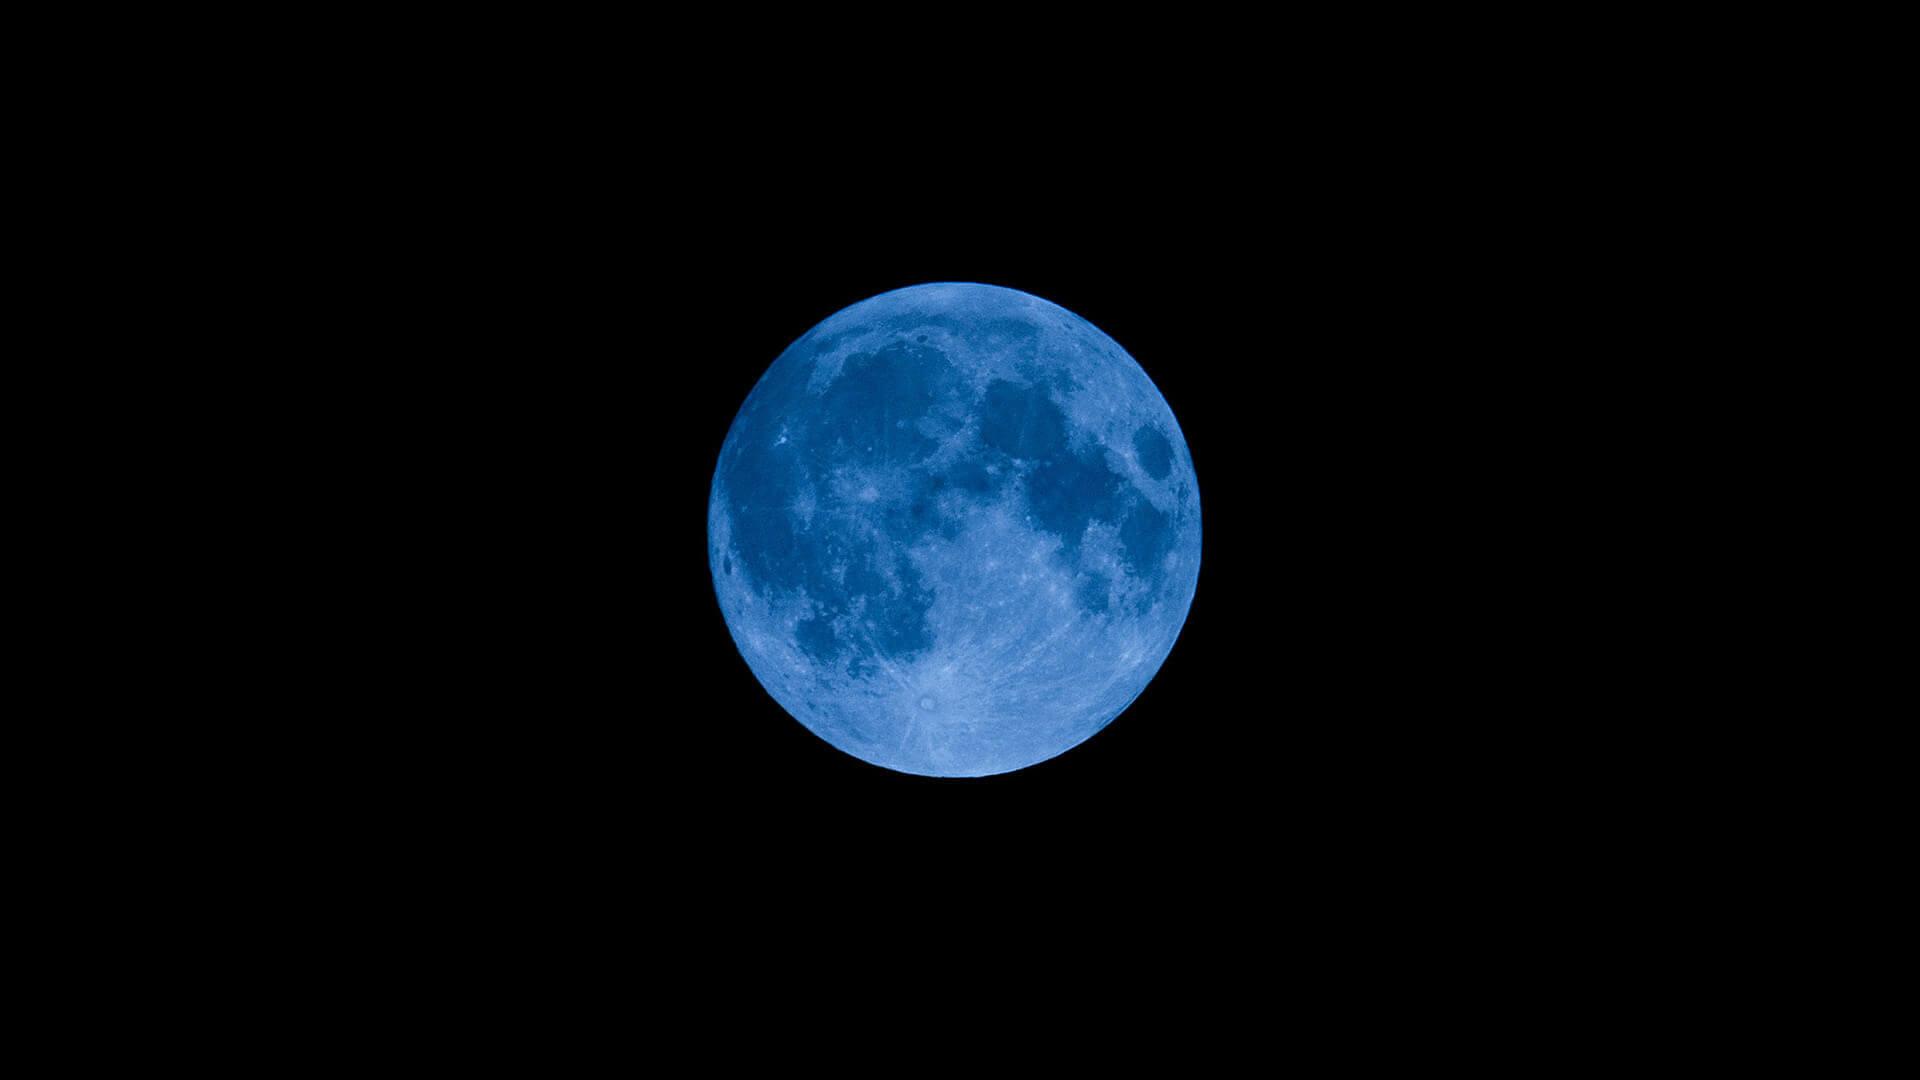 Bulan Biru Hiasi Malam Halloween, Cuma Terjadi Sekitar 3 Tahun Sekali